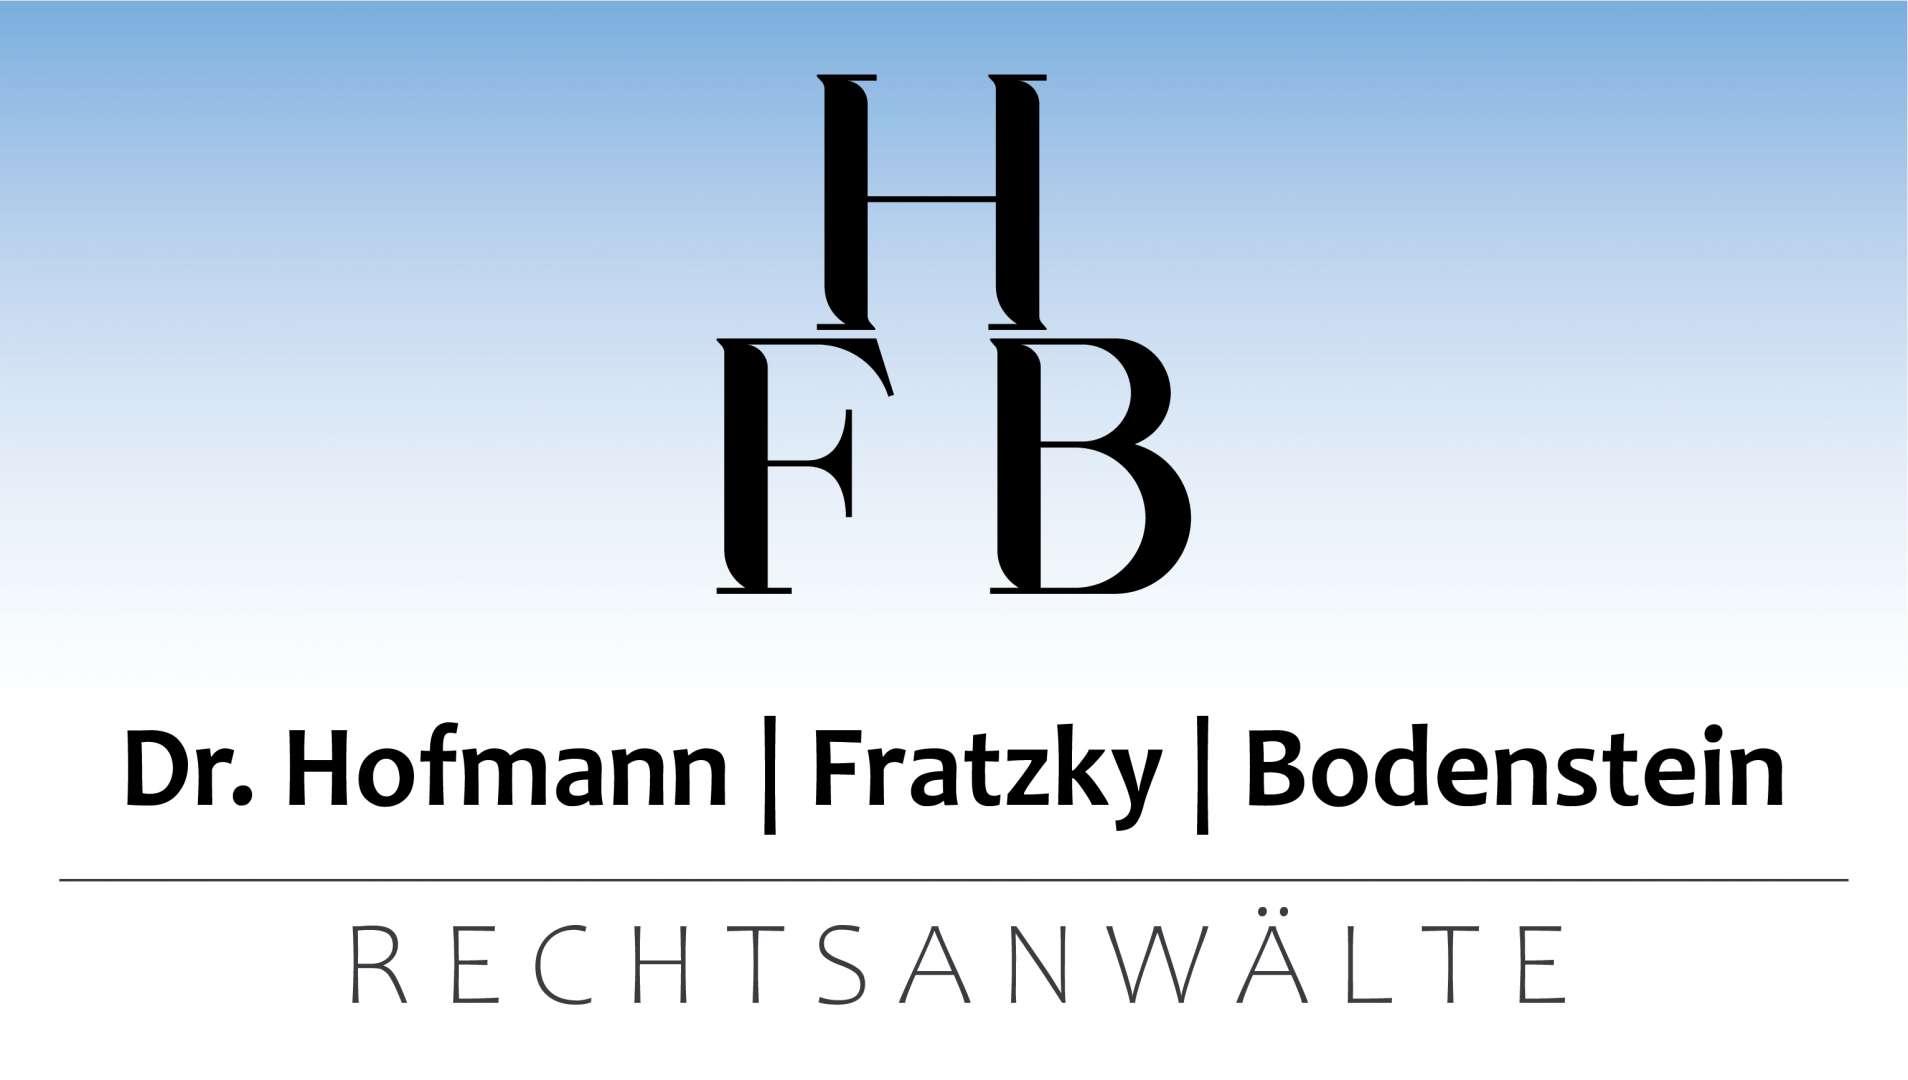 HFB Rechtsanwälte Dr. Hofmann - Fratzky - Bodenstein